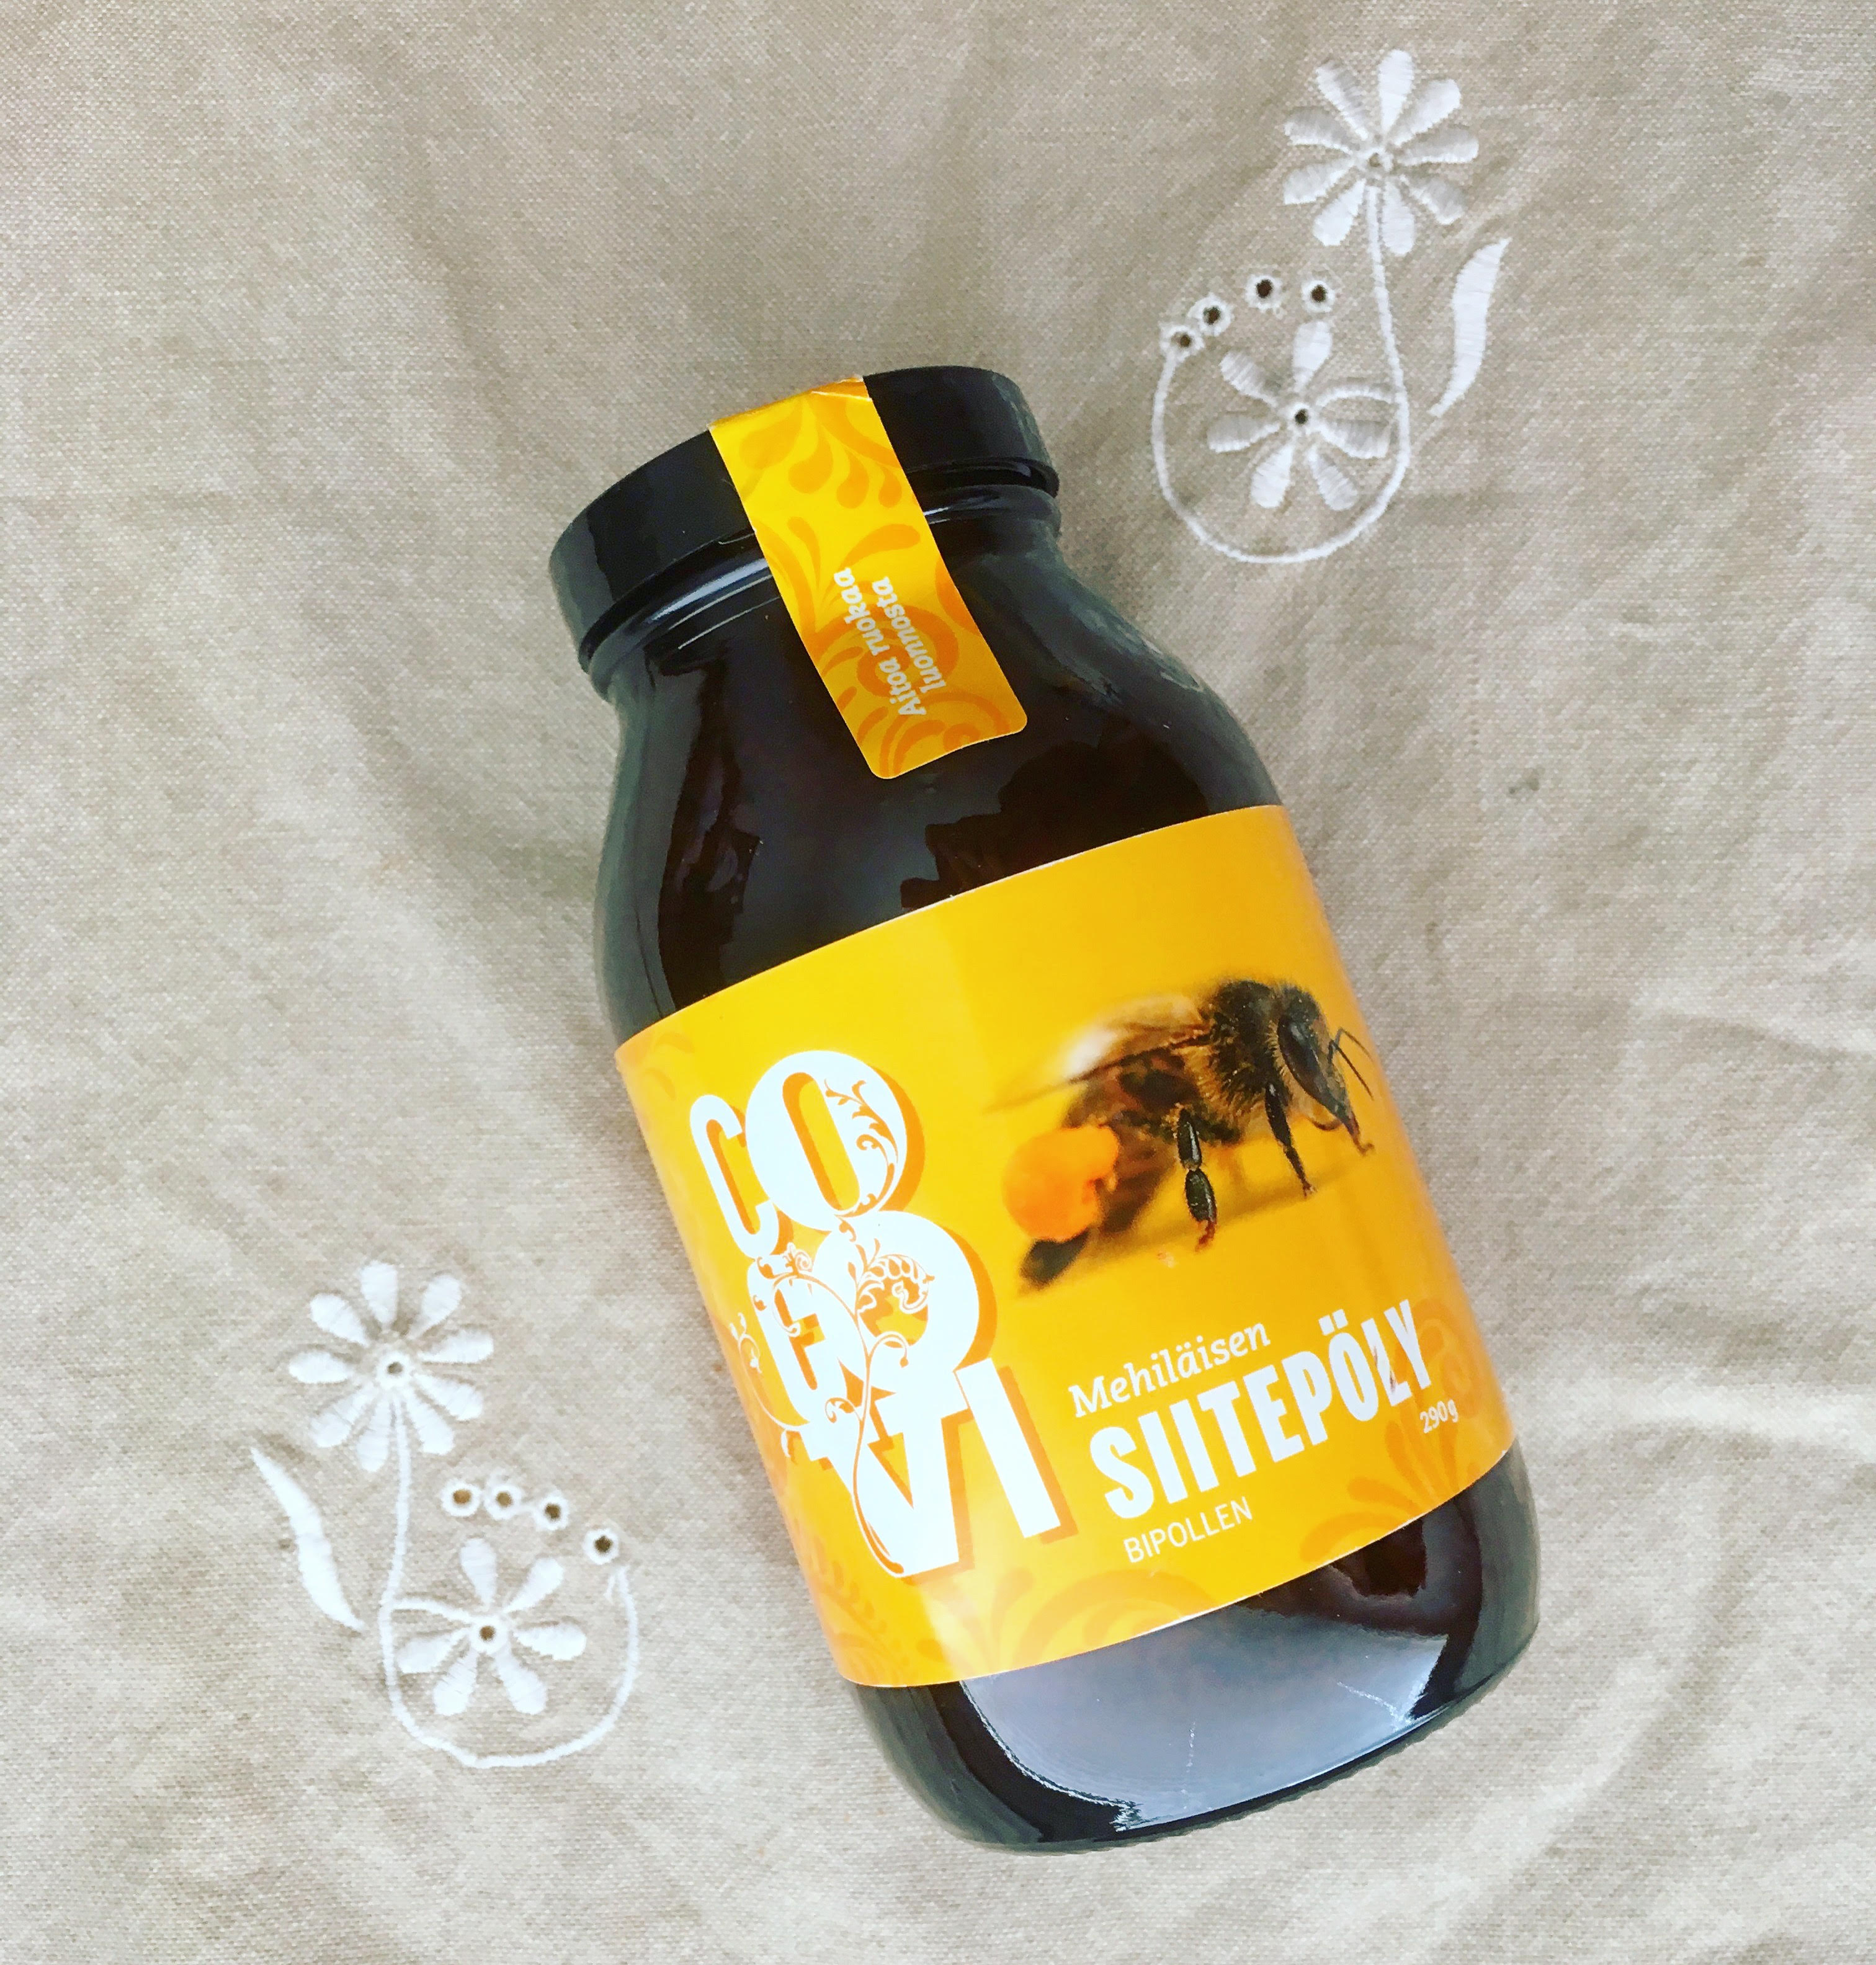 cocovi-mehiläisen-siitepöly